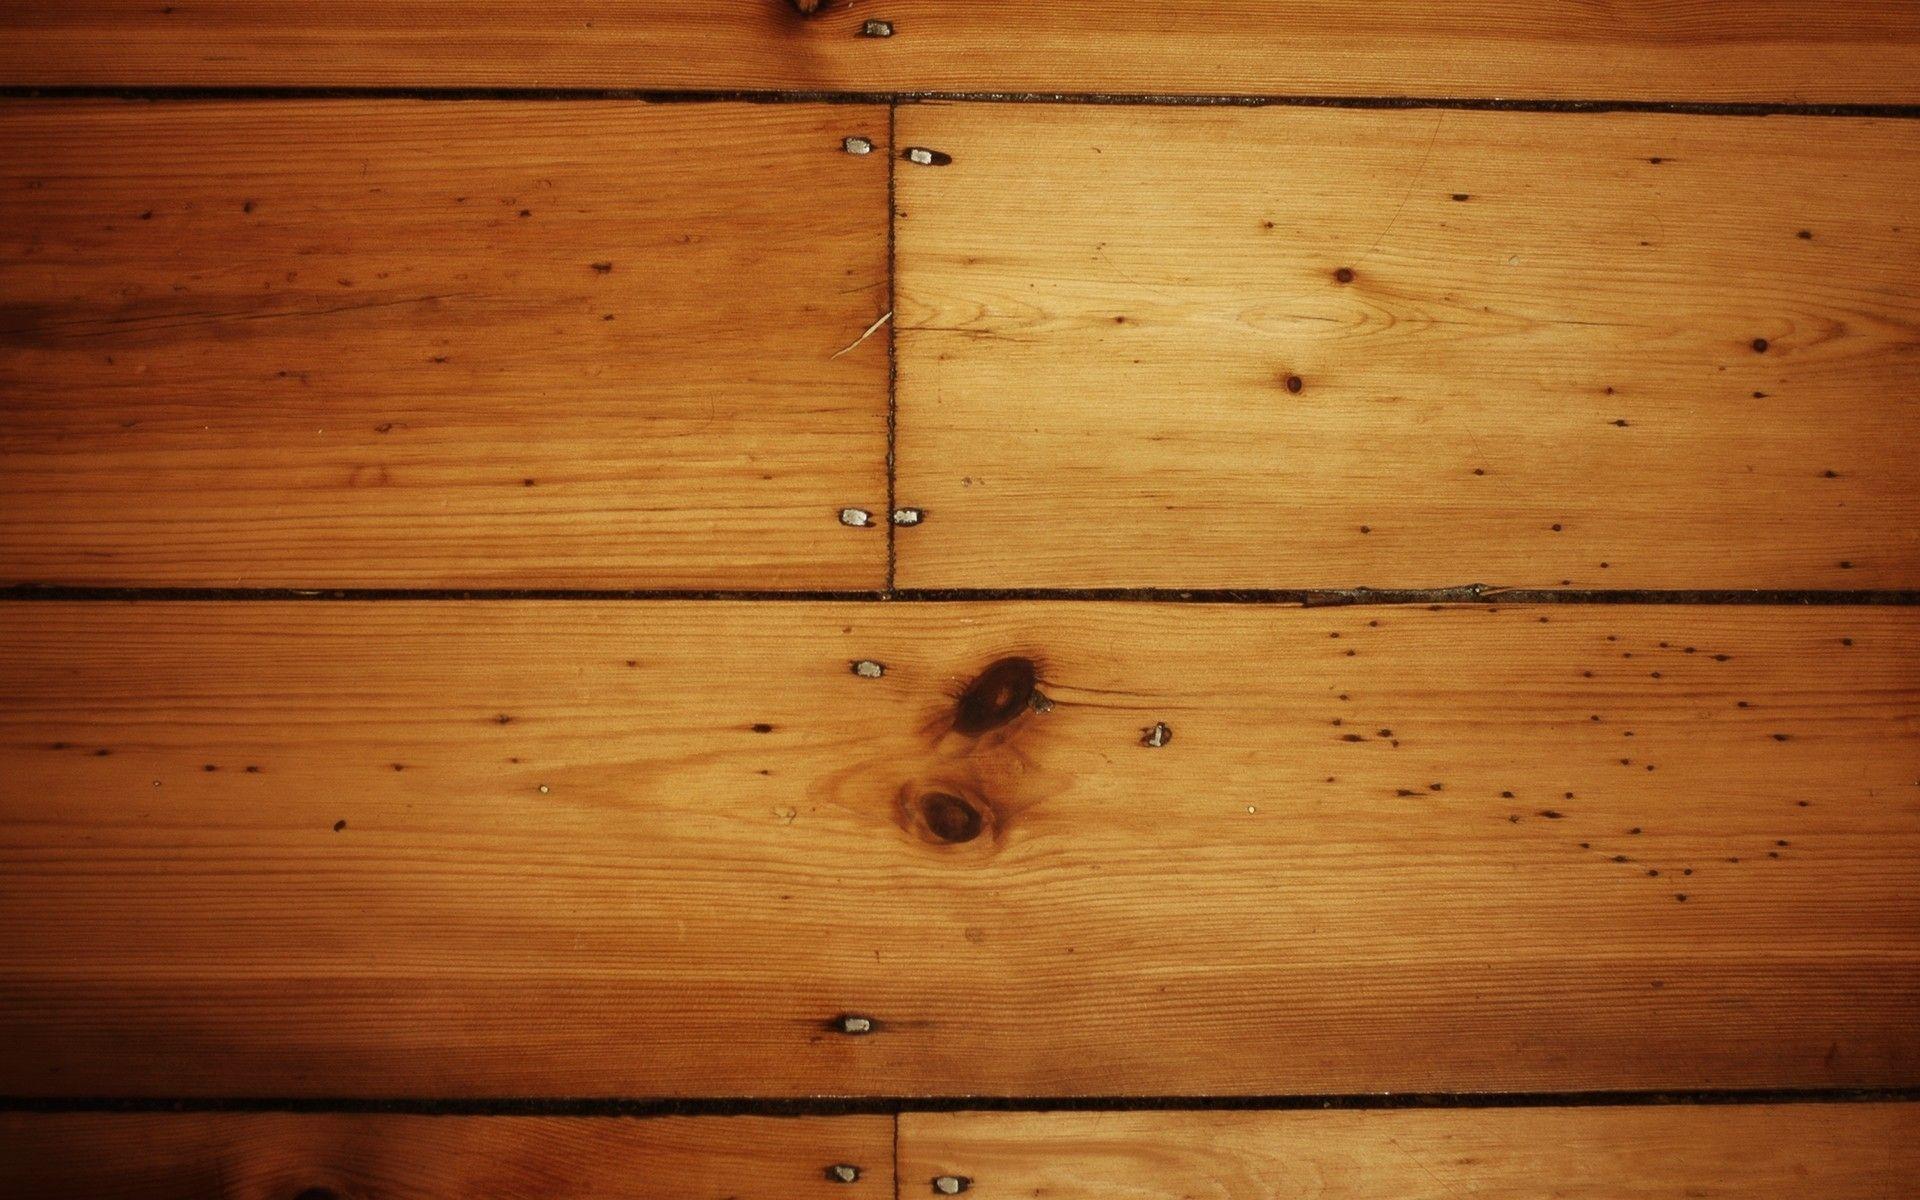 Hd wallpapers oak wood grain pattern 19201200 wallpaperg hd wallpapers oak wood grain pattern 19201200 voltagebd Choice Image